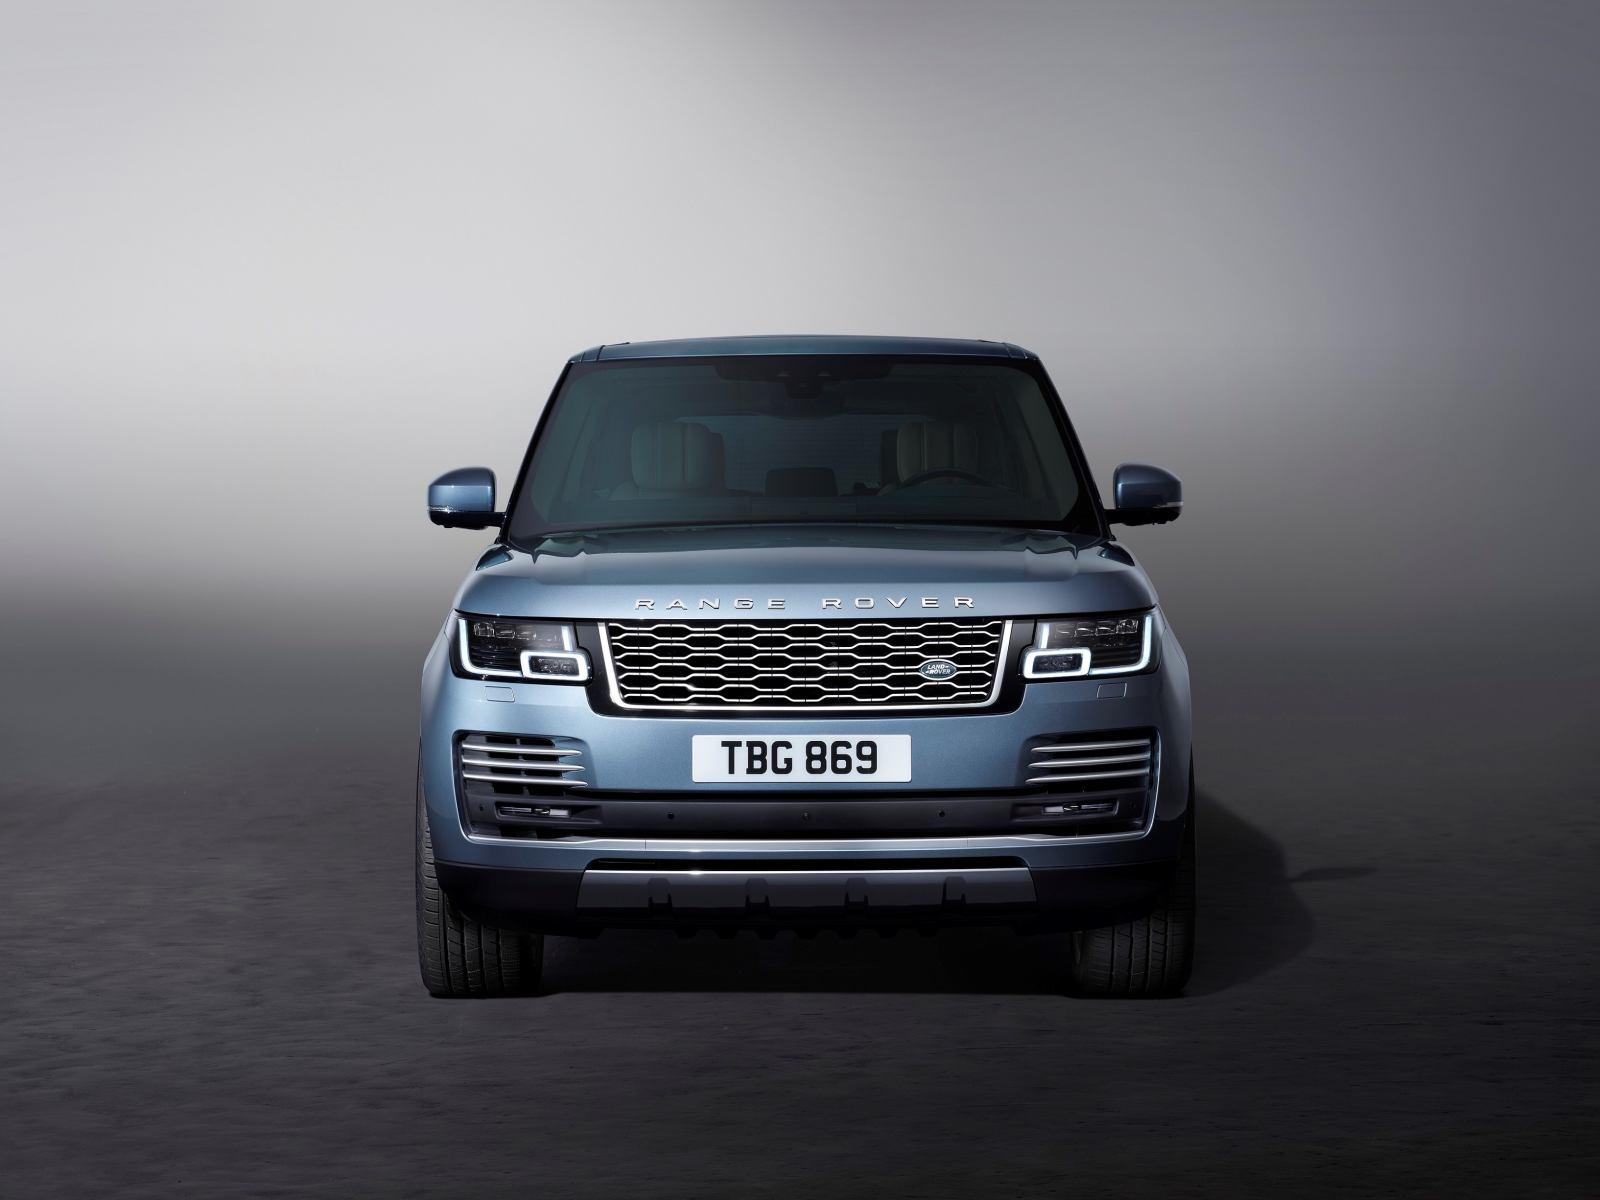 2018-facelift-Range-Rover- (9)